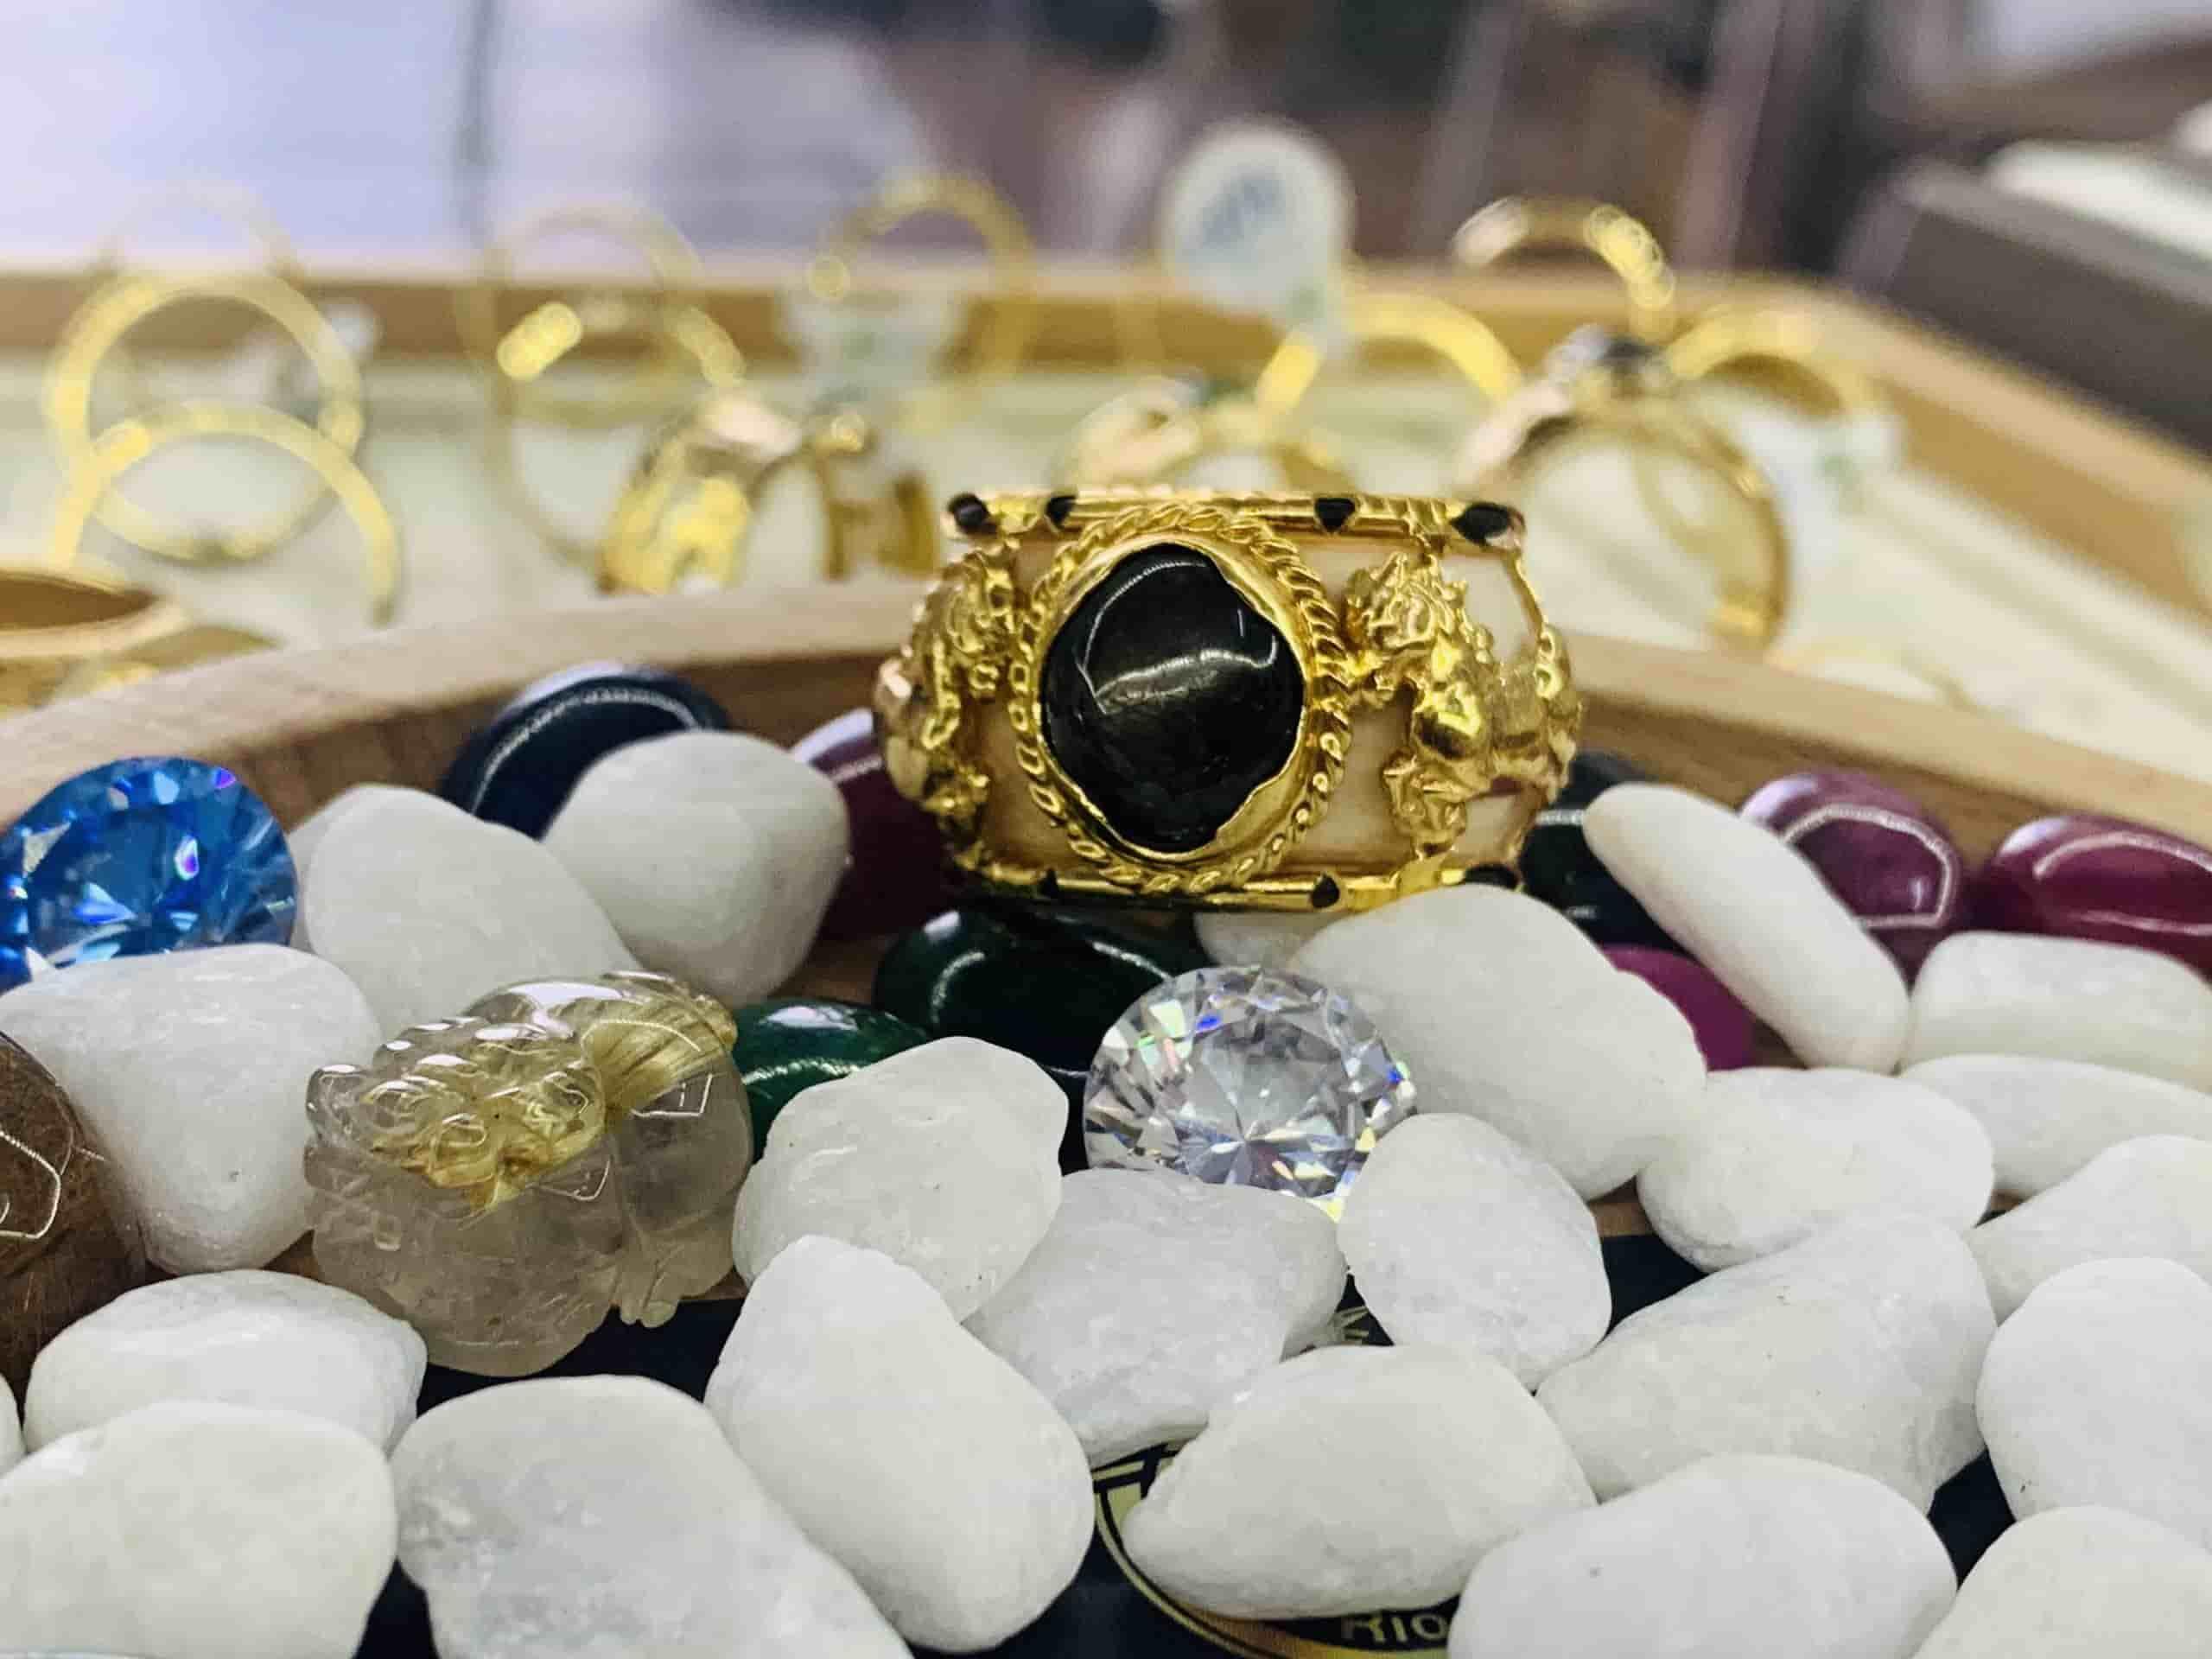 Nhẫn phong thủy 2 Ngựa tranh ngọc Sapphire đen xanh tự nhiên vàng